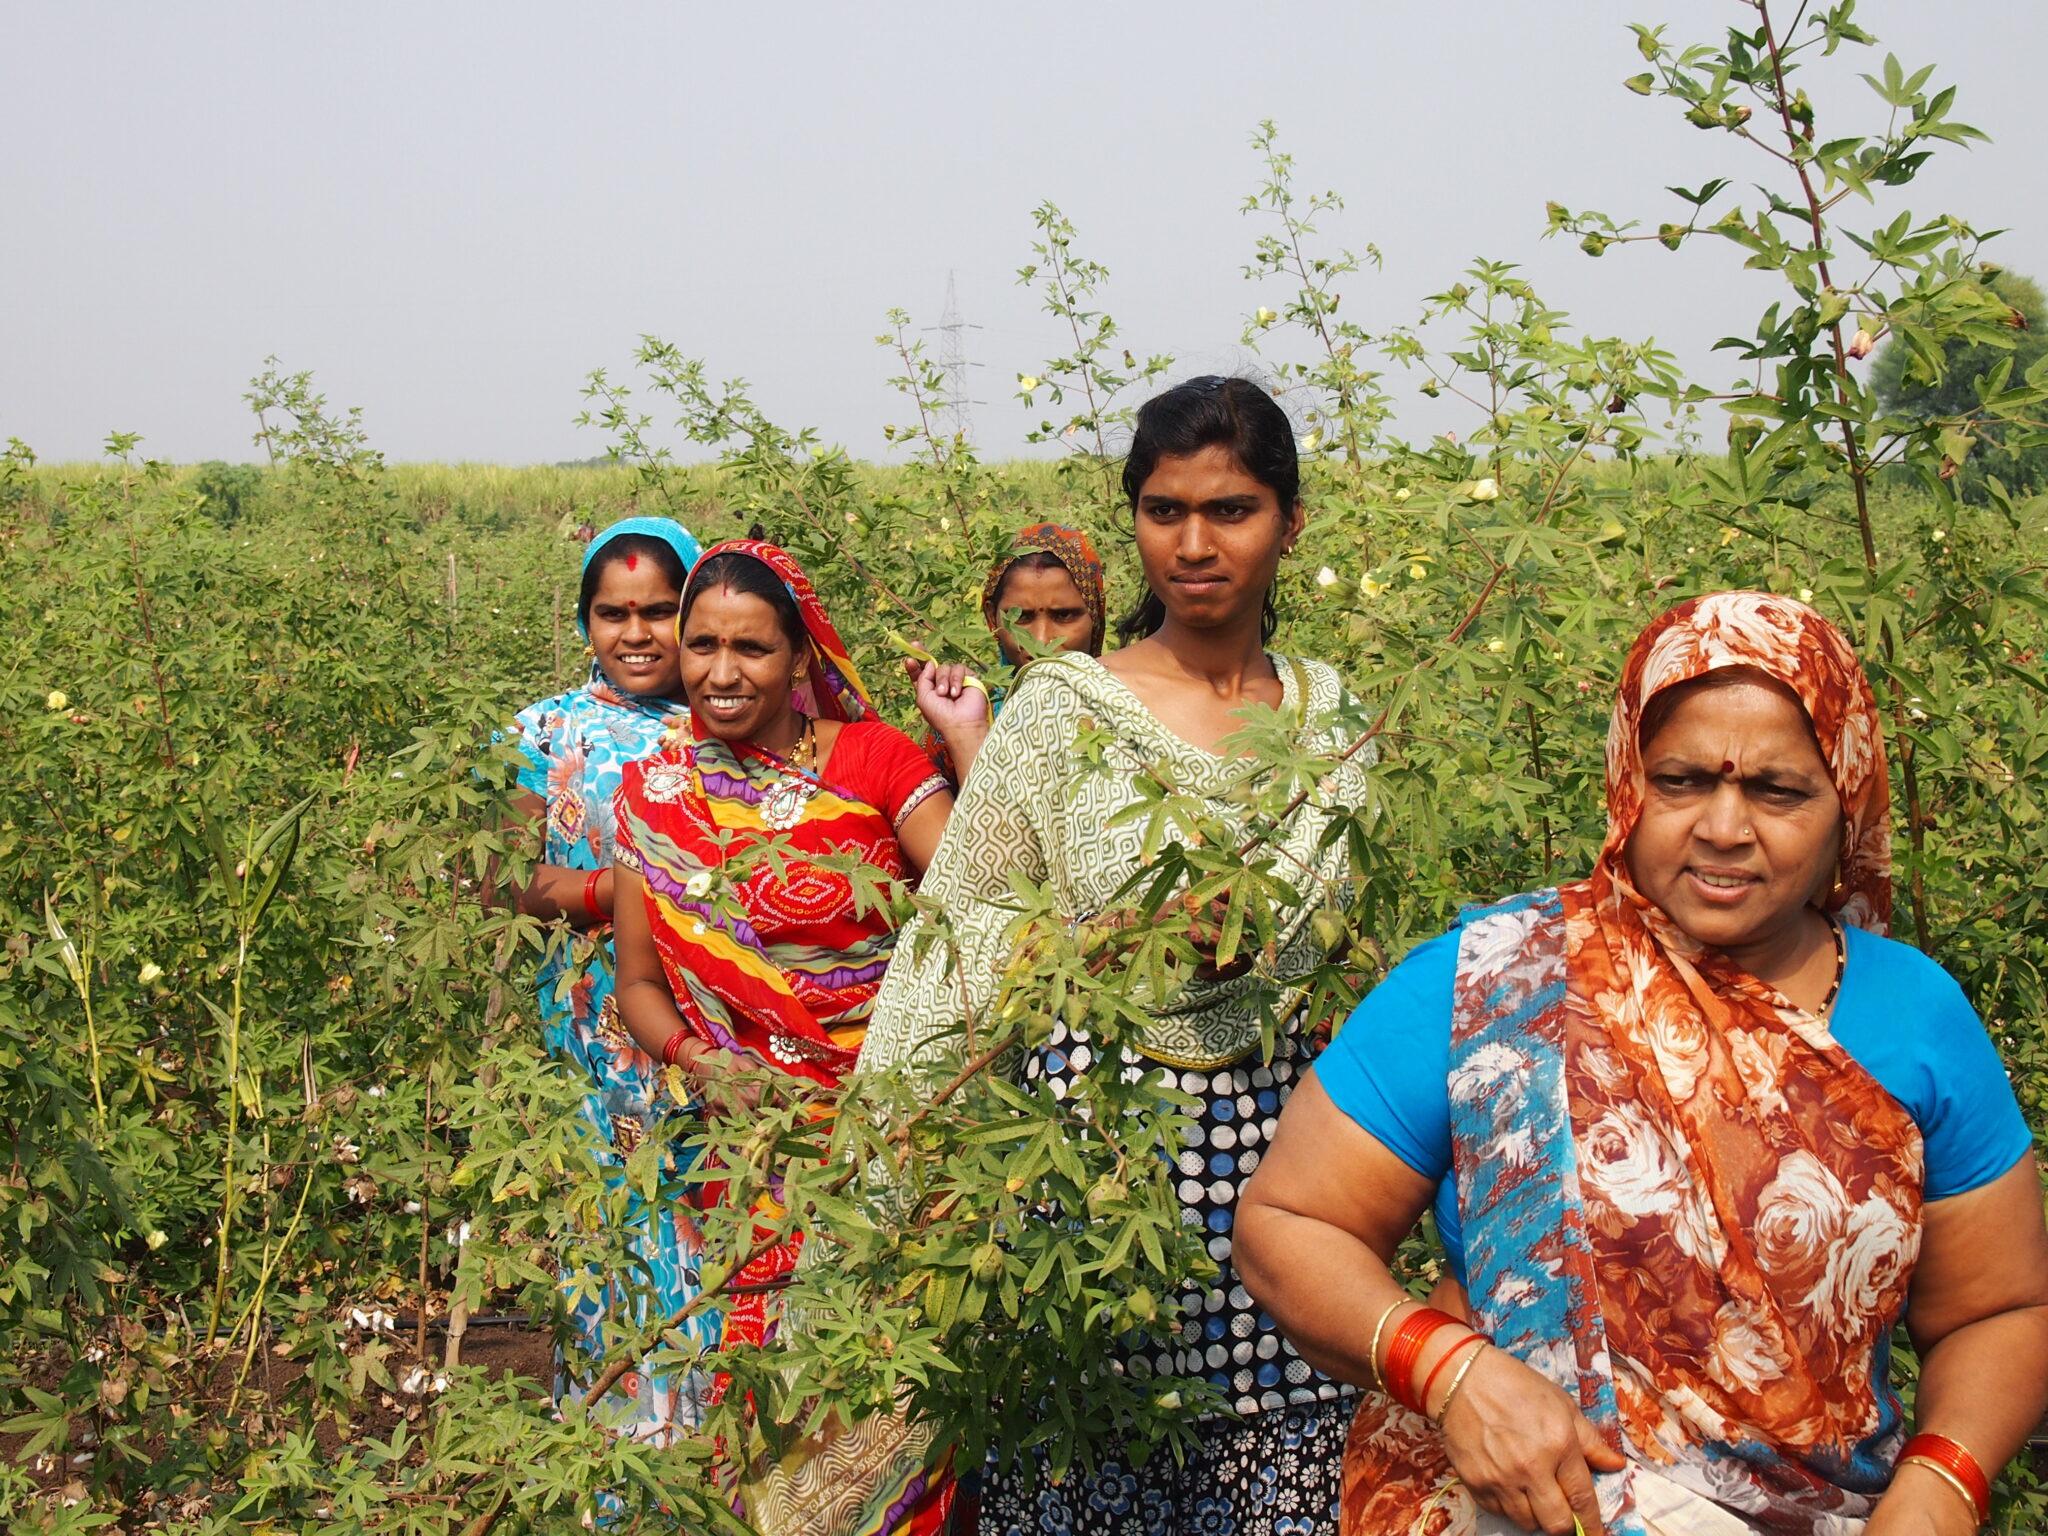 Indische Frauen in bunten Gewändern